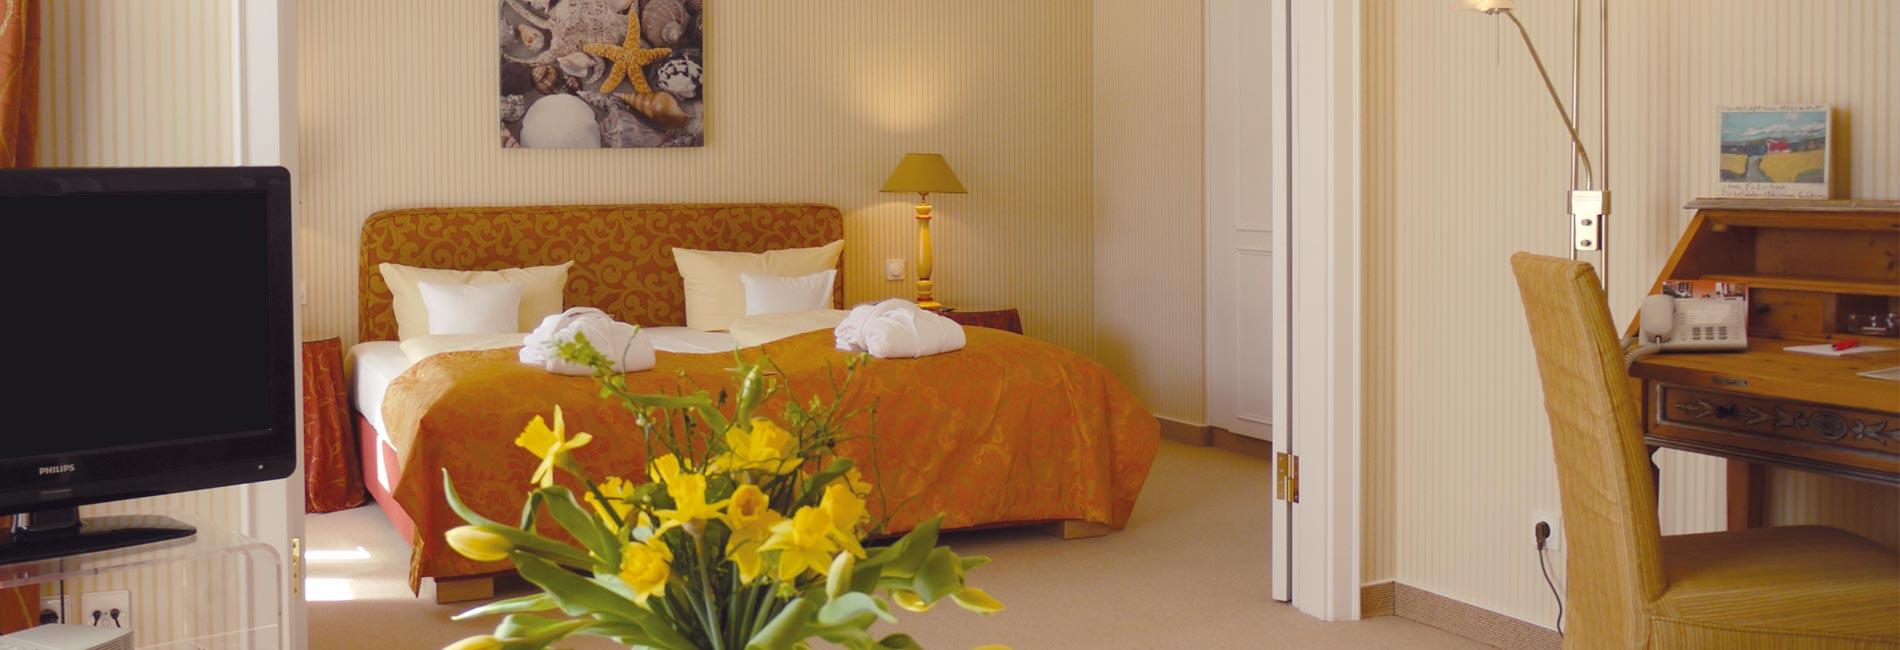 Hotel Suite mit Meerblick